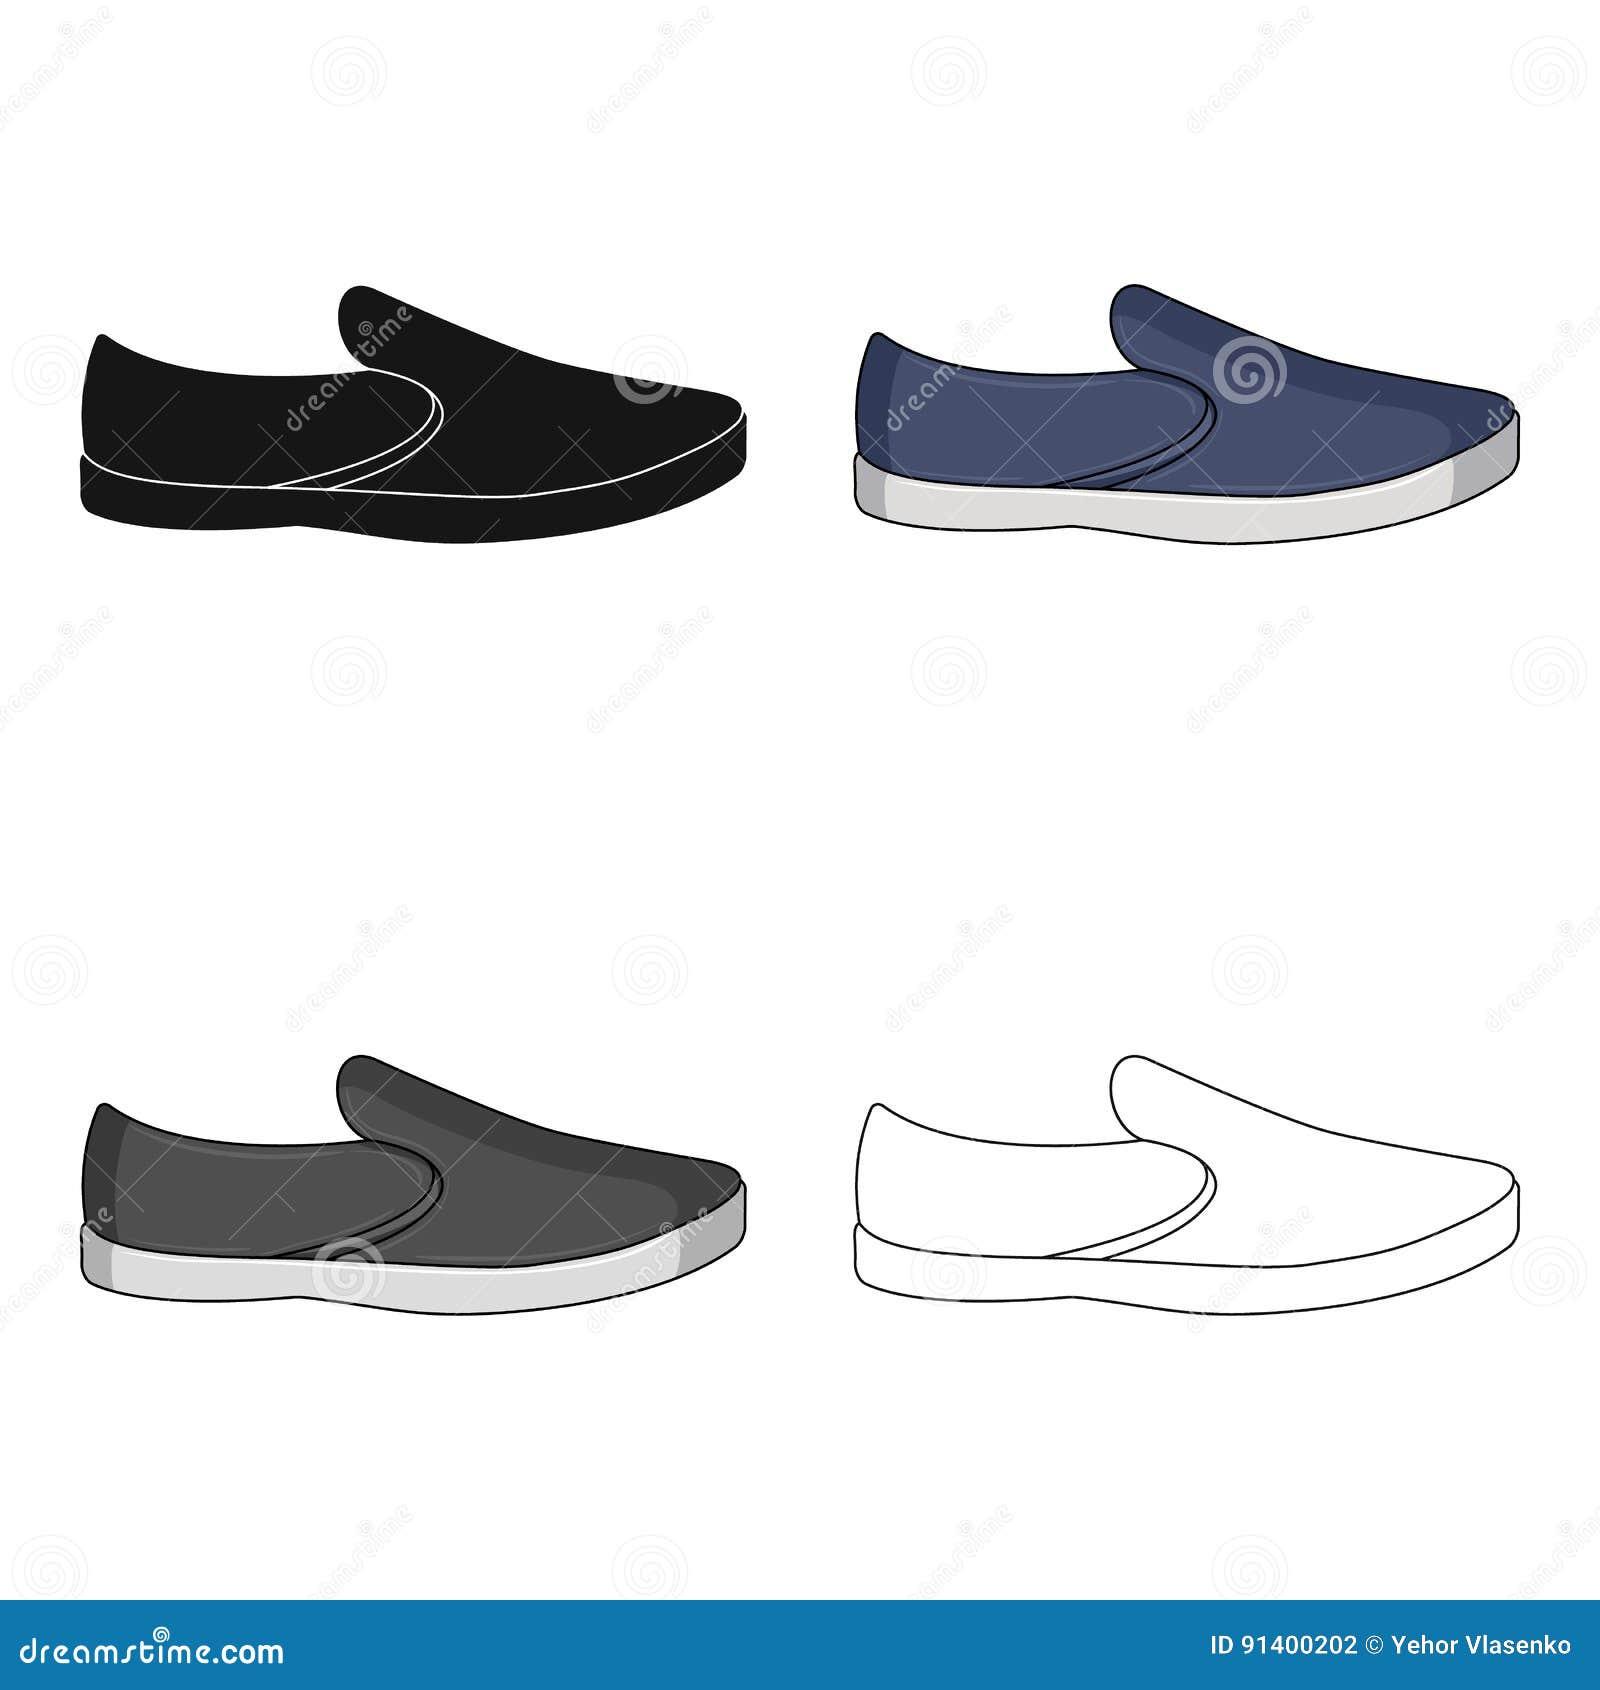 ea14f55c39ec7 Blaue Mannsommerespadrilles Bequeme Schuhe des Sommers auf den bloßen Füßen  für Alltagskleidung Verschiedene Schuhe sondern Ikone